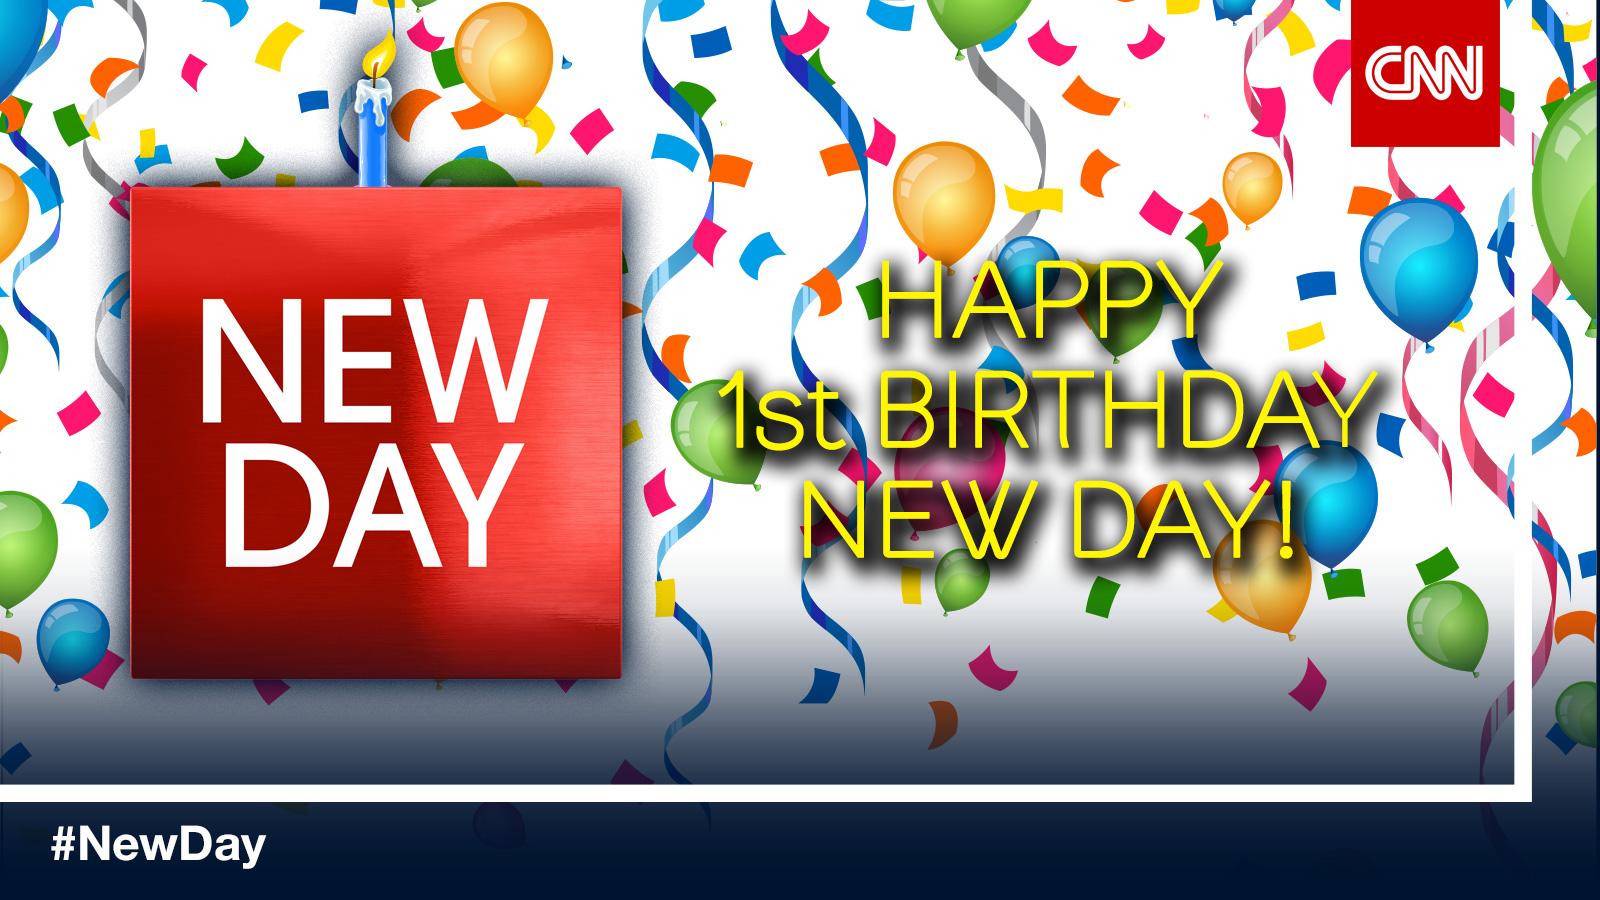 Happy 1st Birthday 'New Day'!